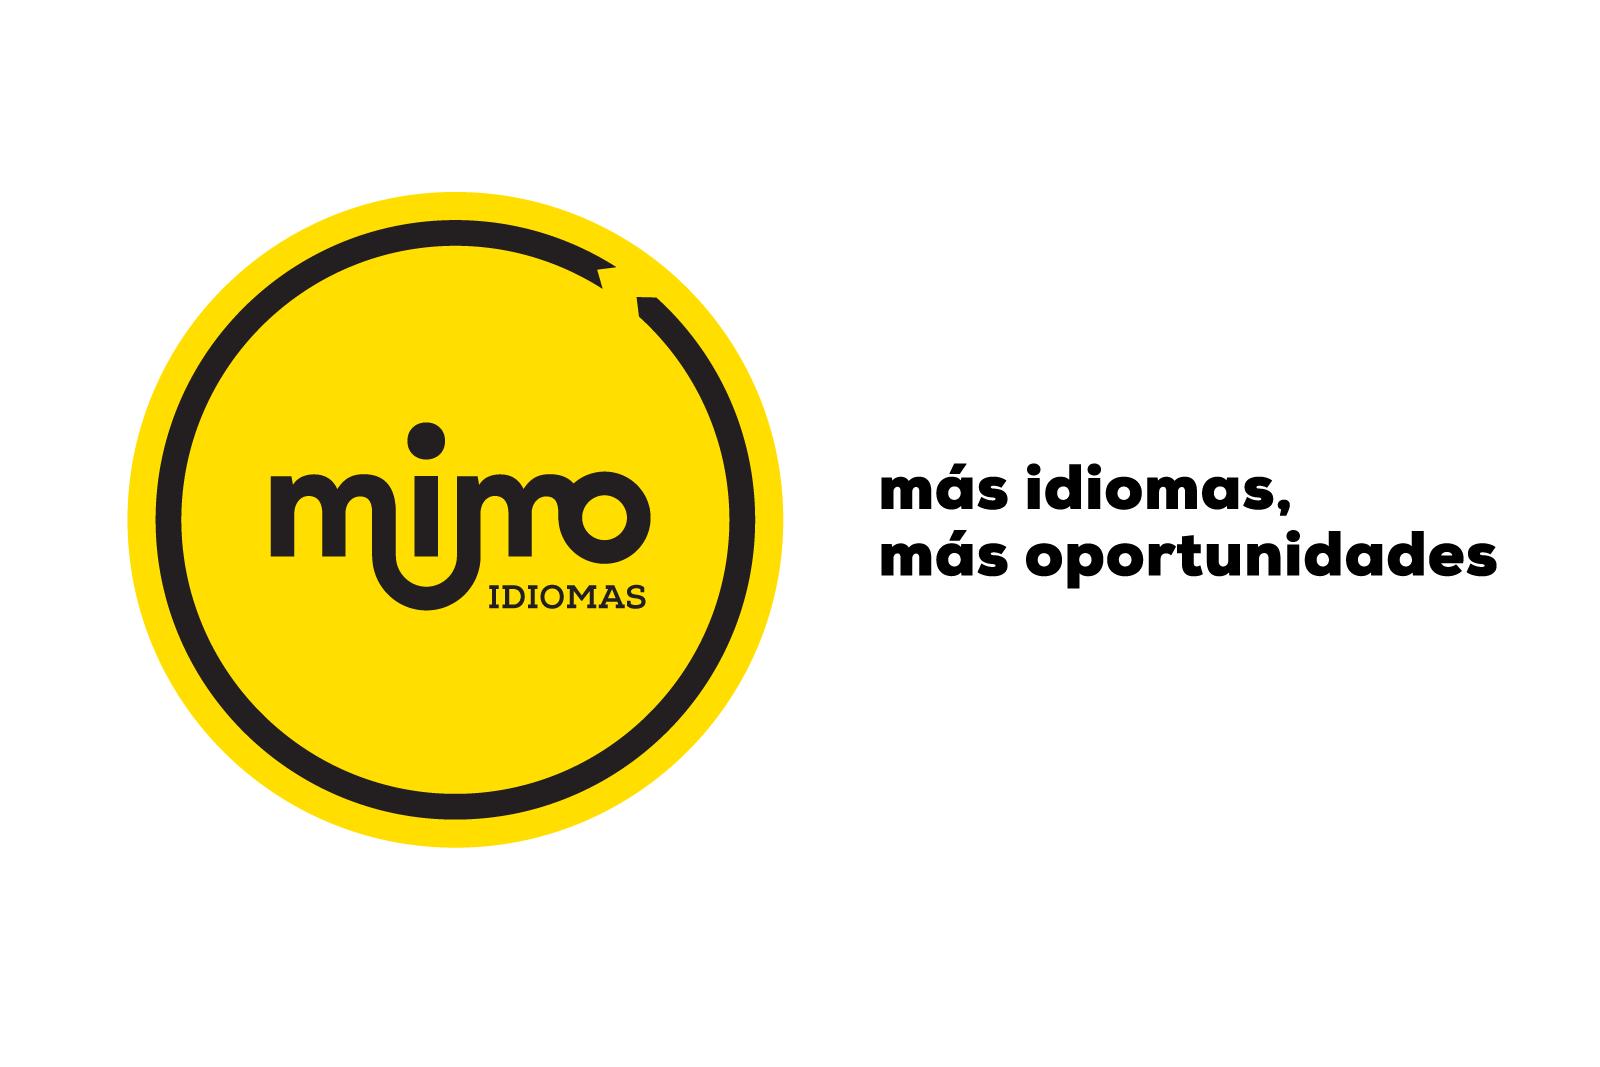 Logo Mimo Idiomas